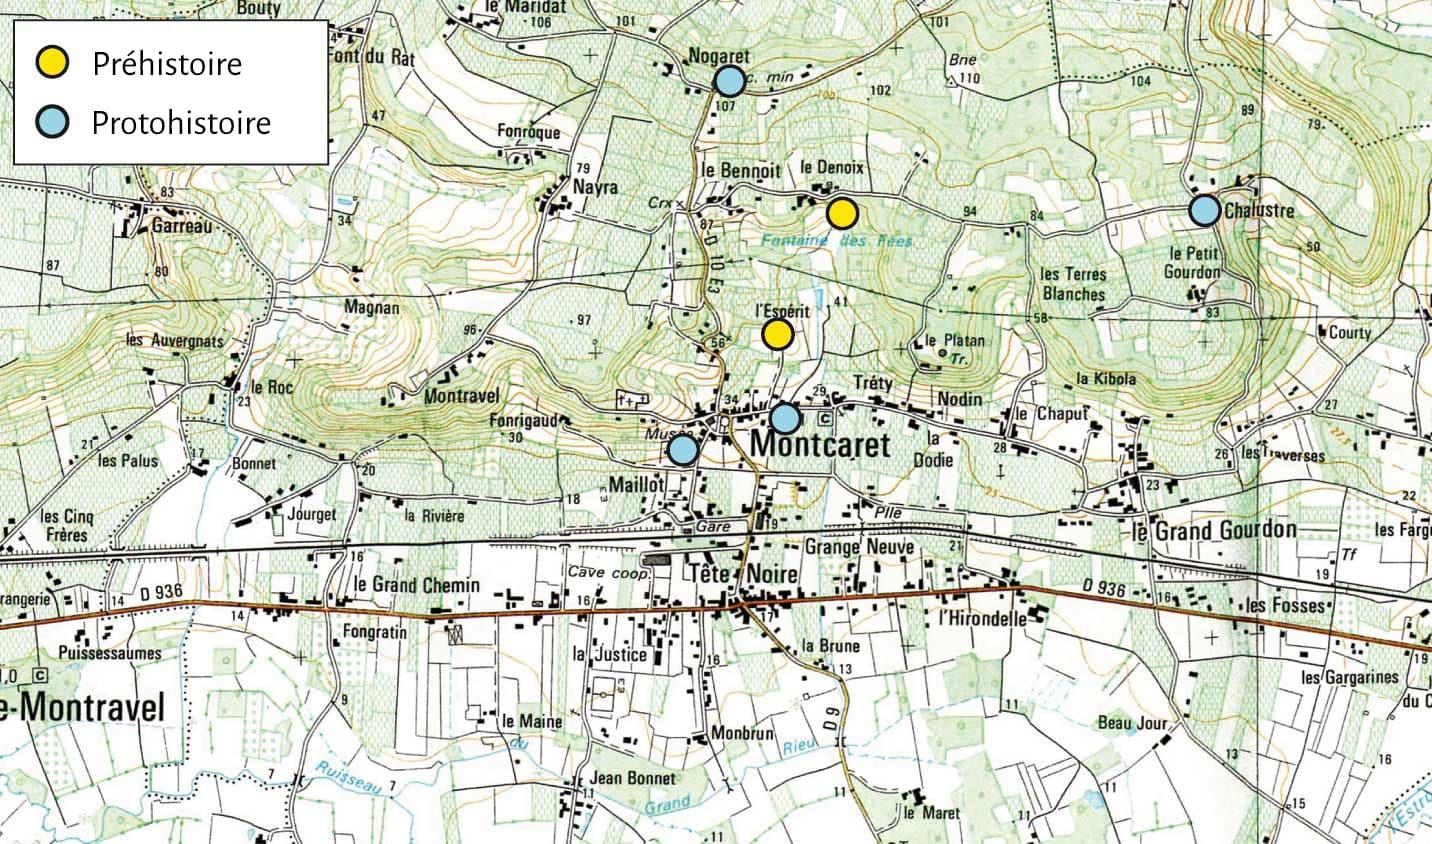 carte des sites